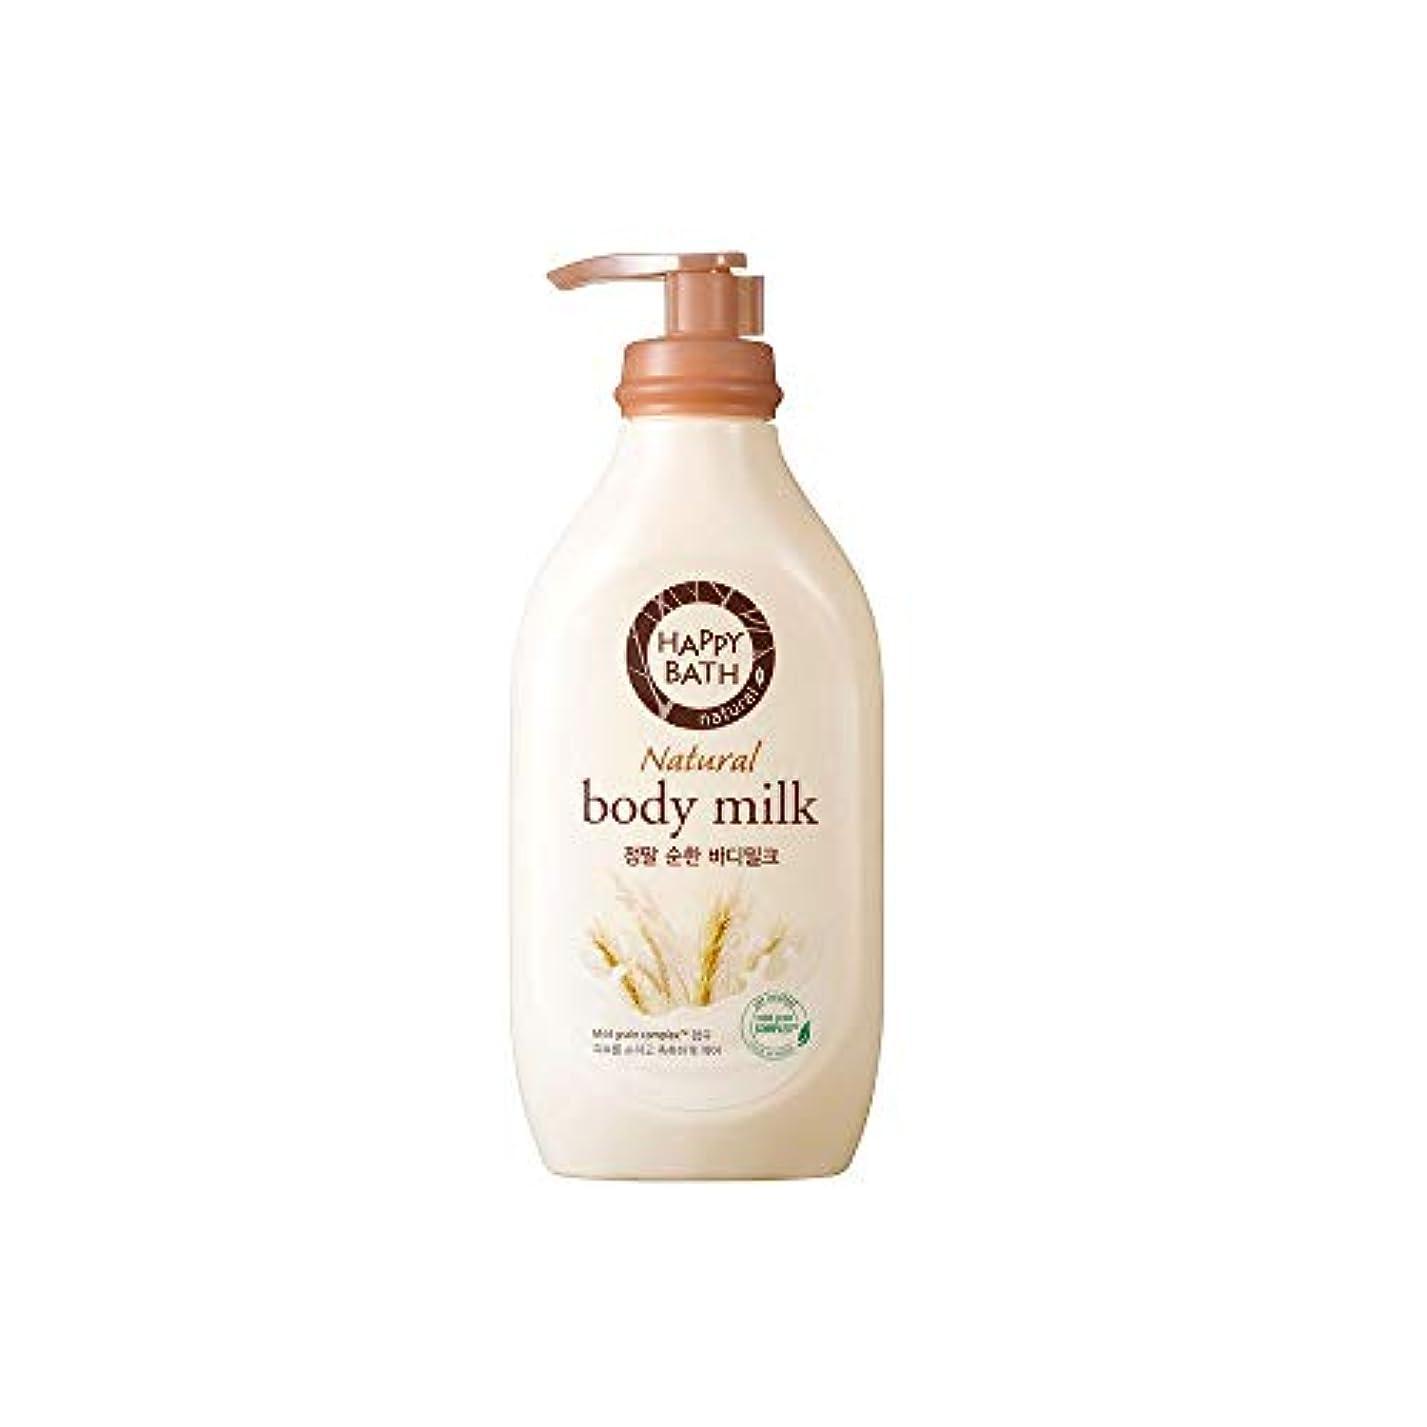 コールド好色な踊り子[HAPPY BATH] ハッピーバス ナチュラルボディミルク マイルドタイプ ボディローション 450ml (pure body milk 450ml)